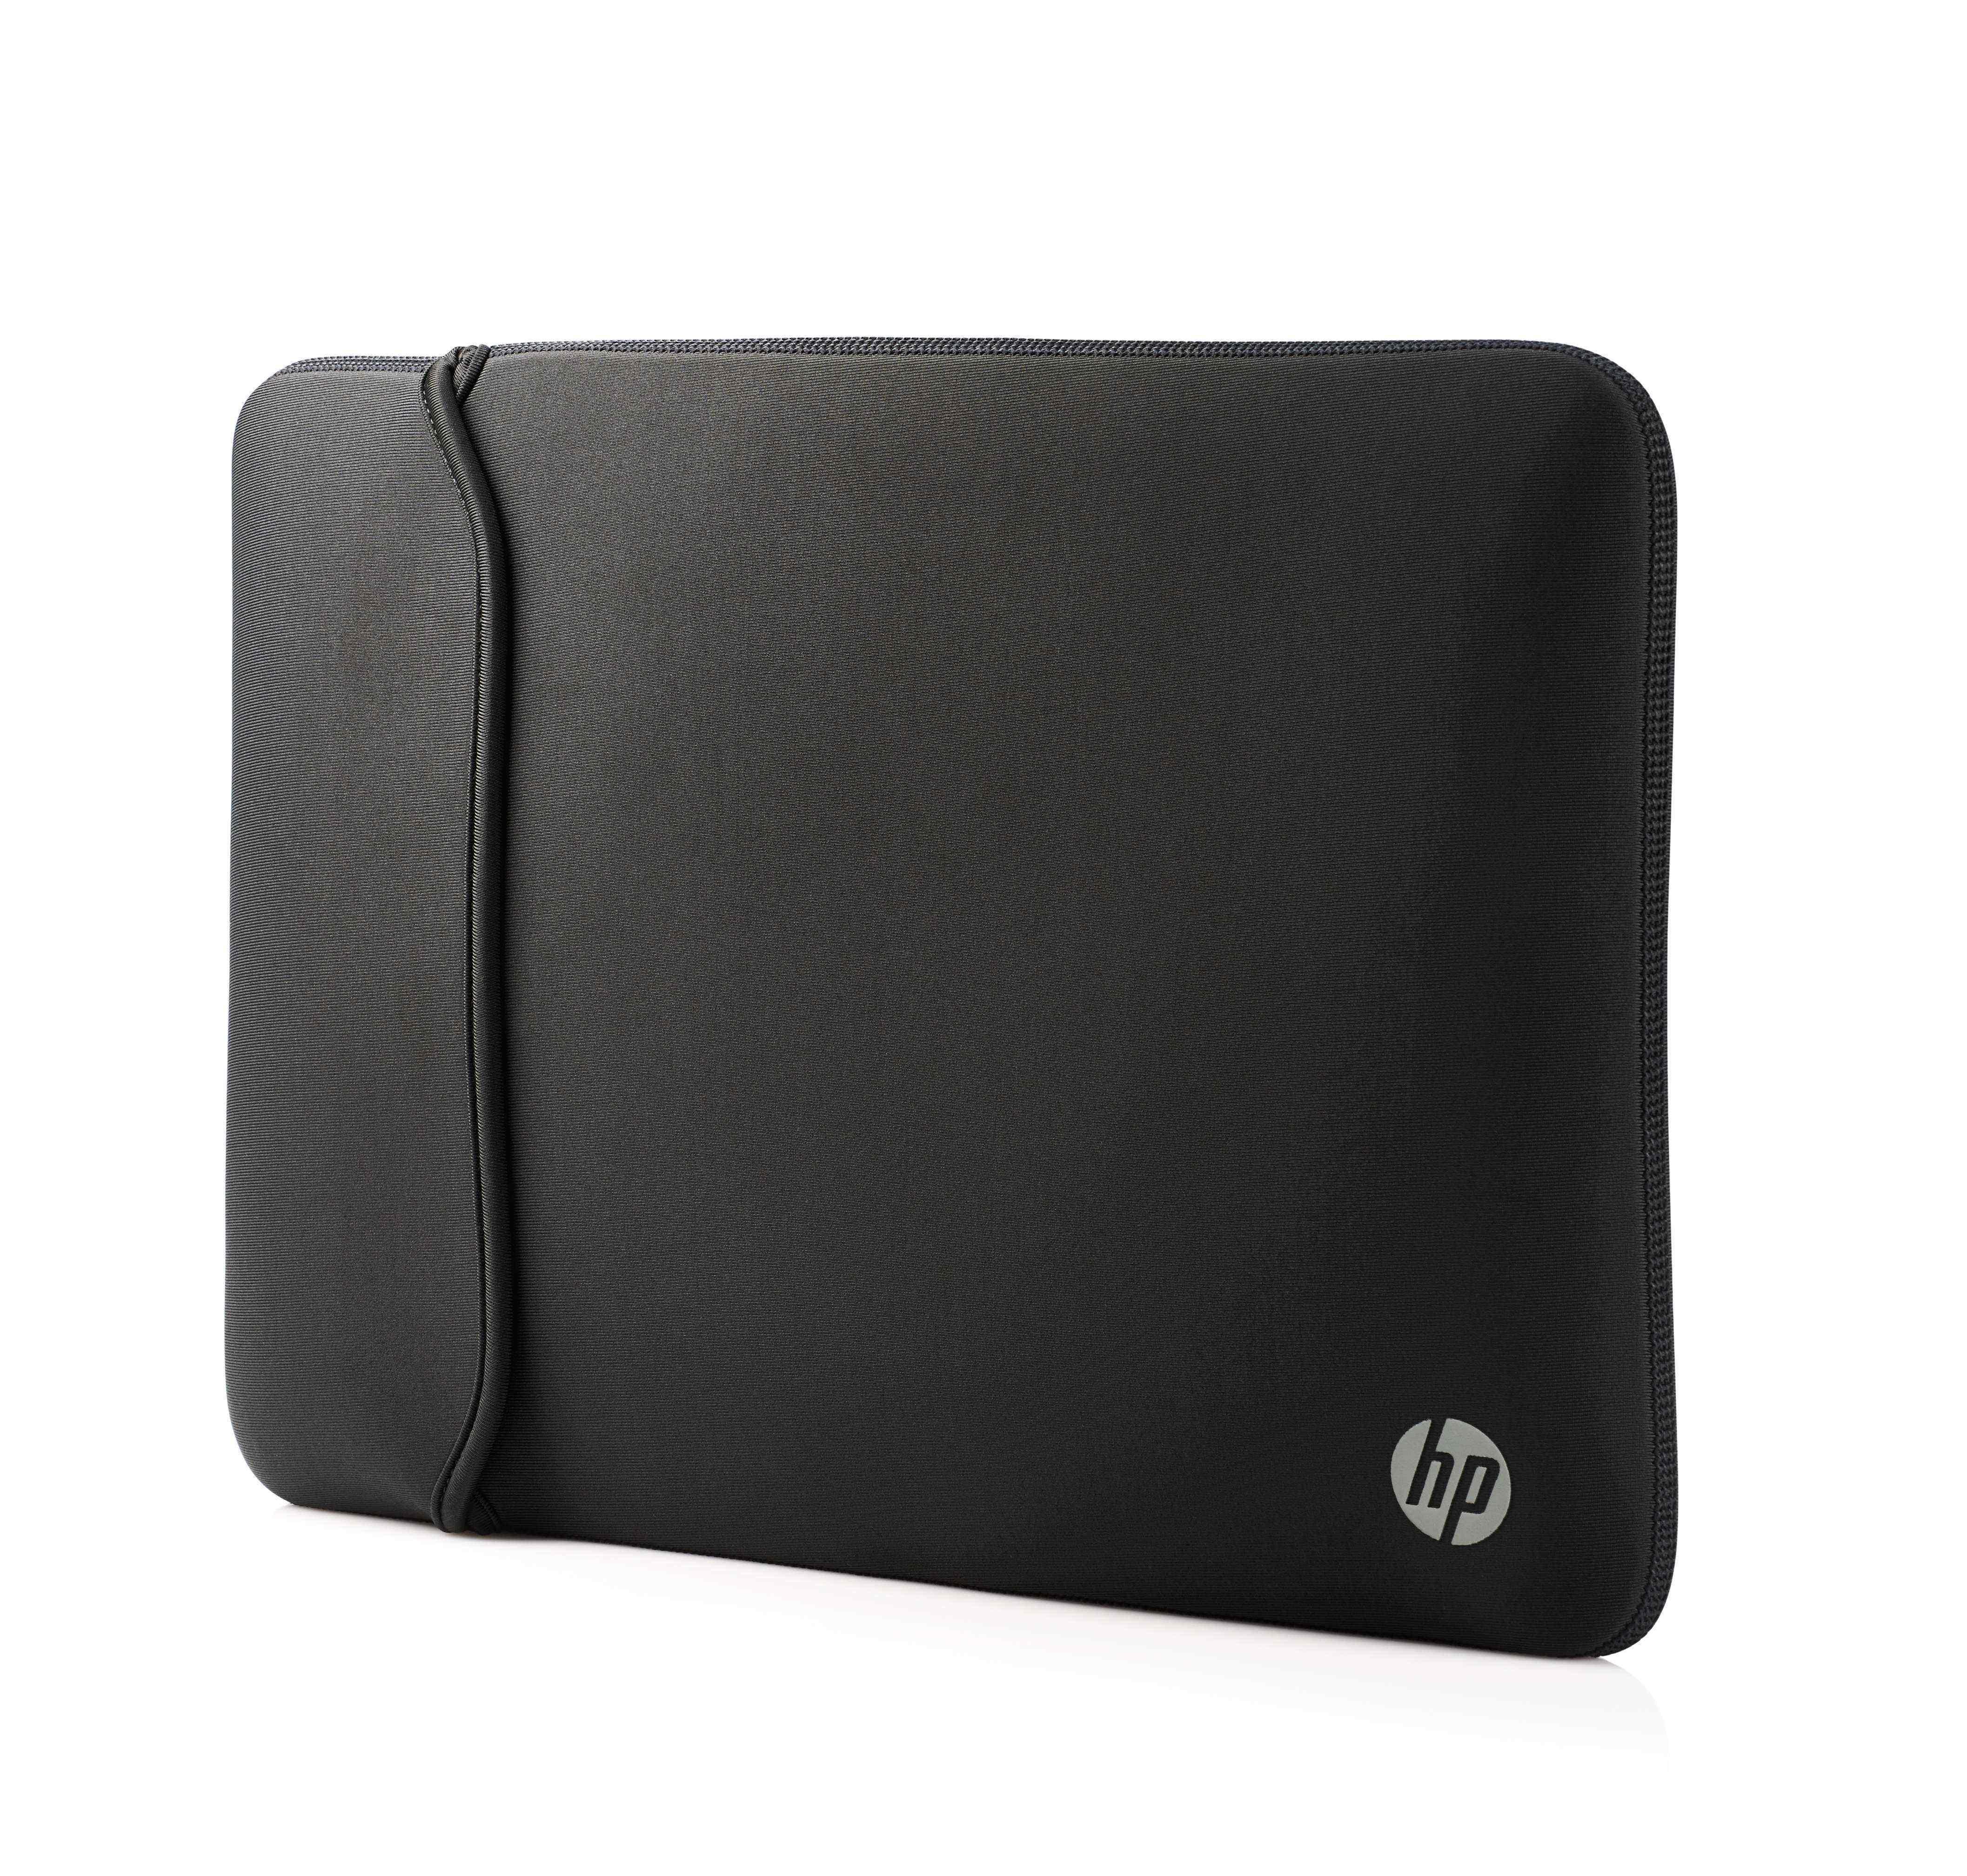 HP 15.6 inç Çift Taraflı Fermuarsız Neopren Kılıf - Geometrik